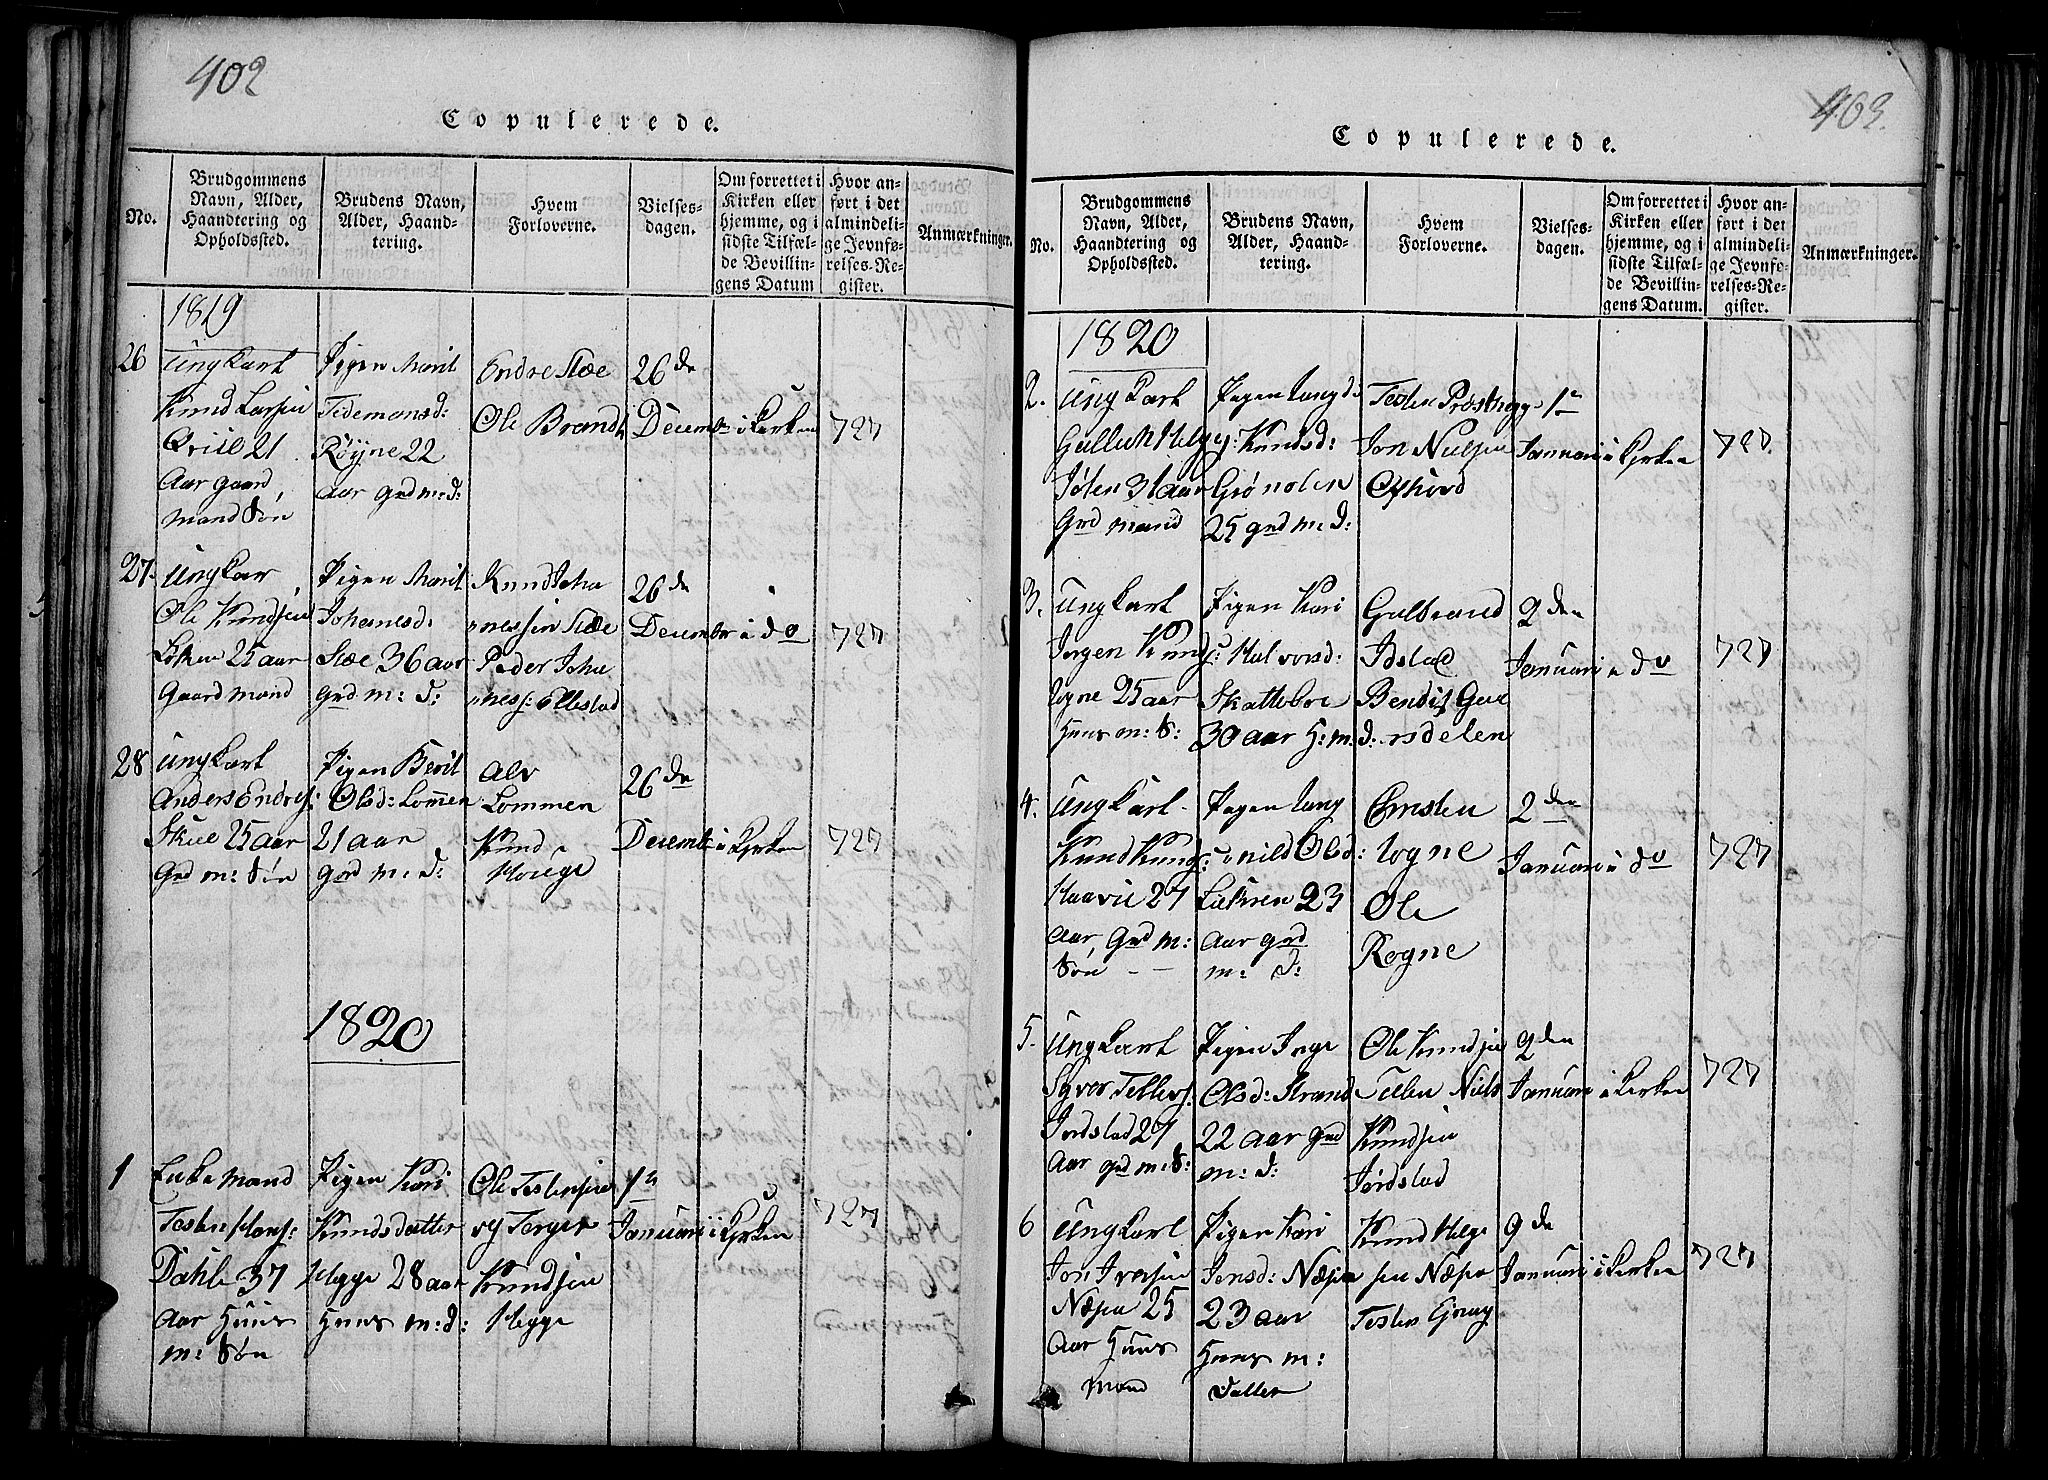 SAH, Slidre prestekontor, Ministerialbok nr. 2, 1814-1830, s. 402-403